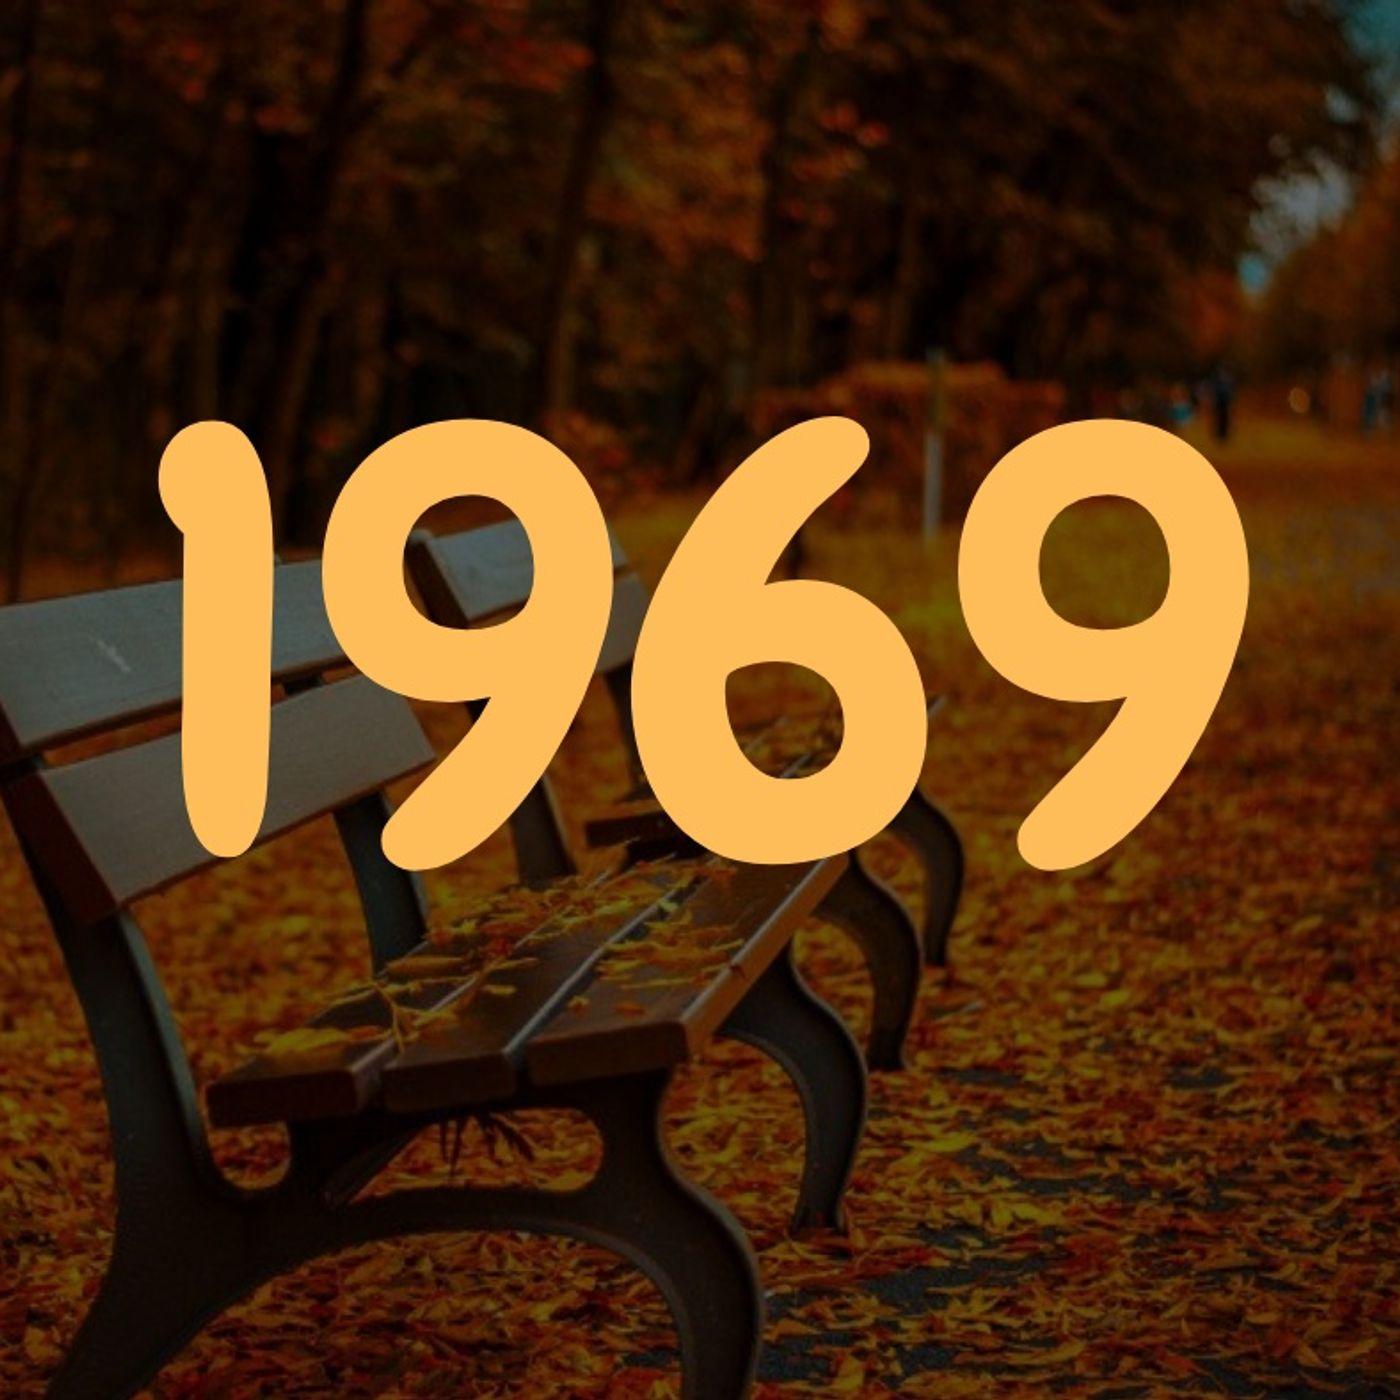 Reelin' Sept 22 1969